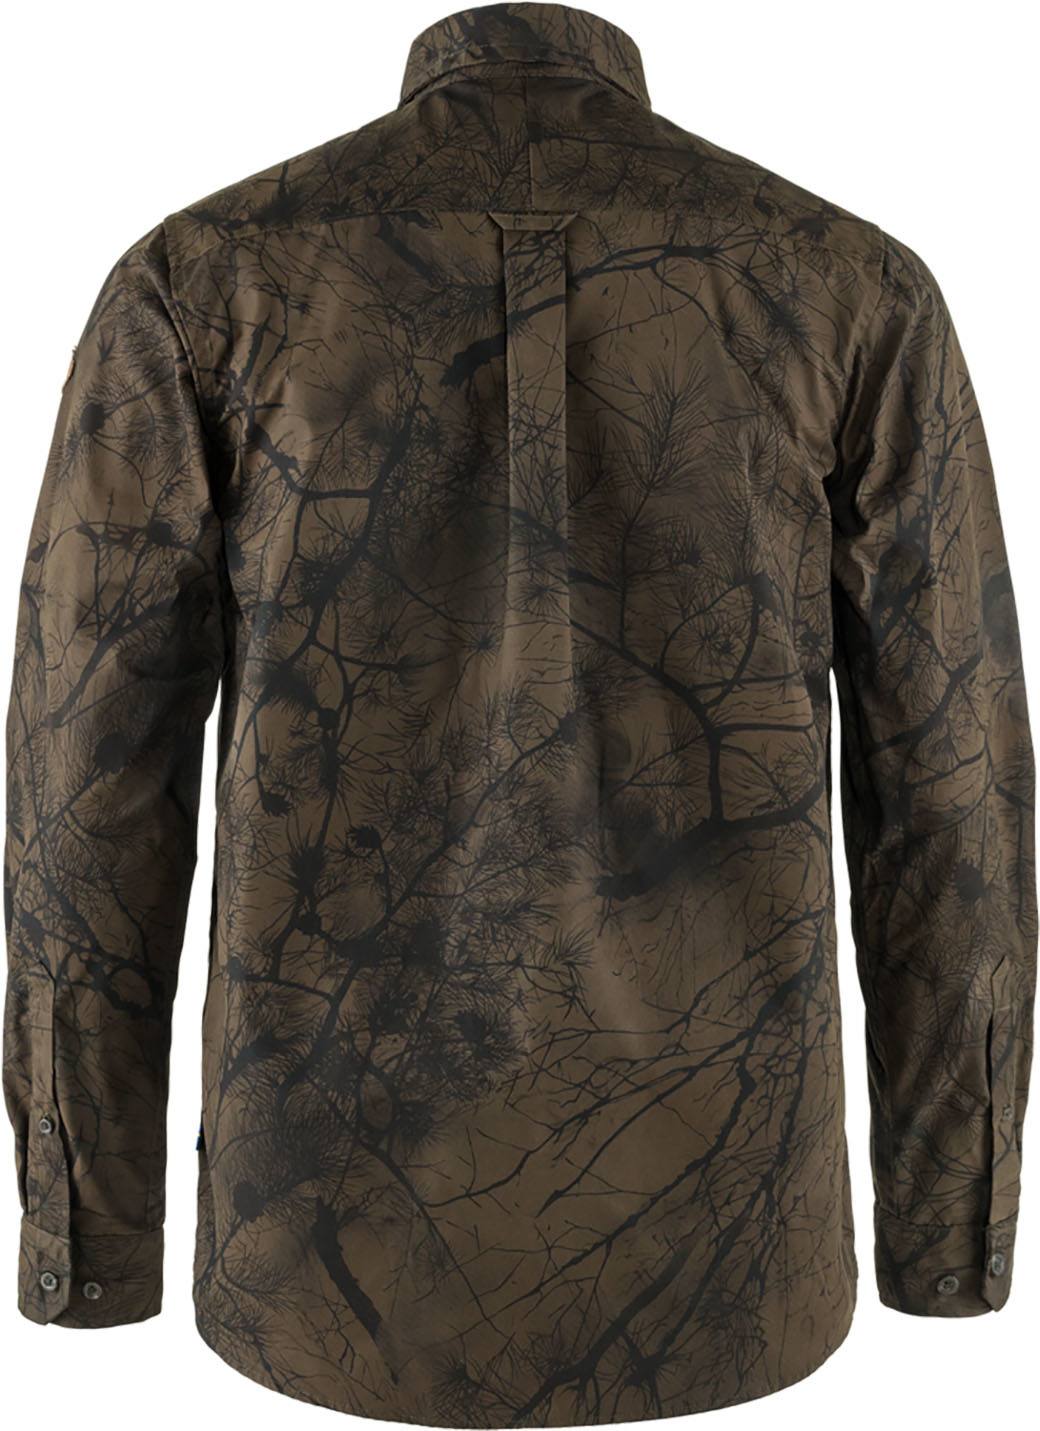 Fjällräven Värmland G-1000 Shirt M Dark Olive Camo-2